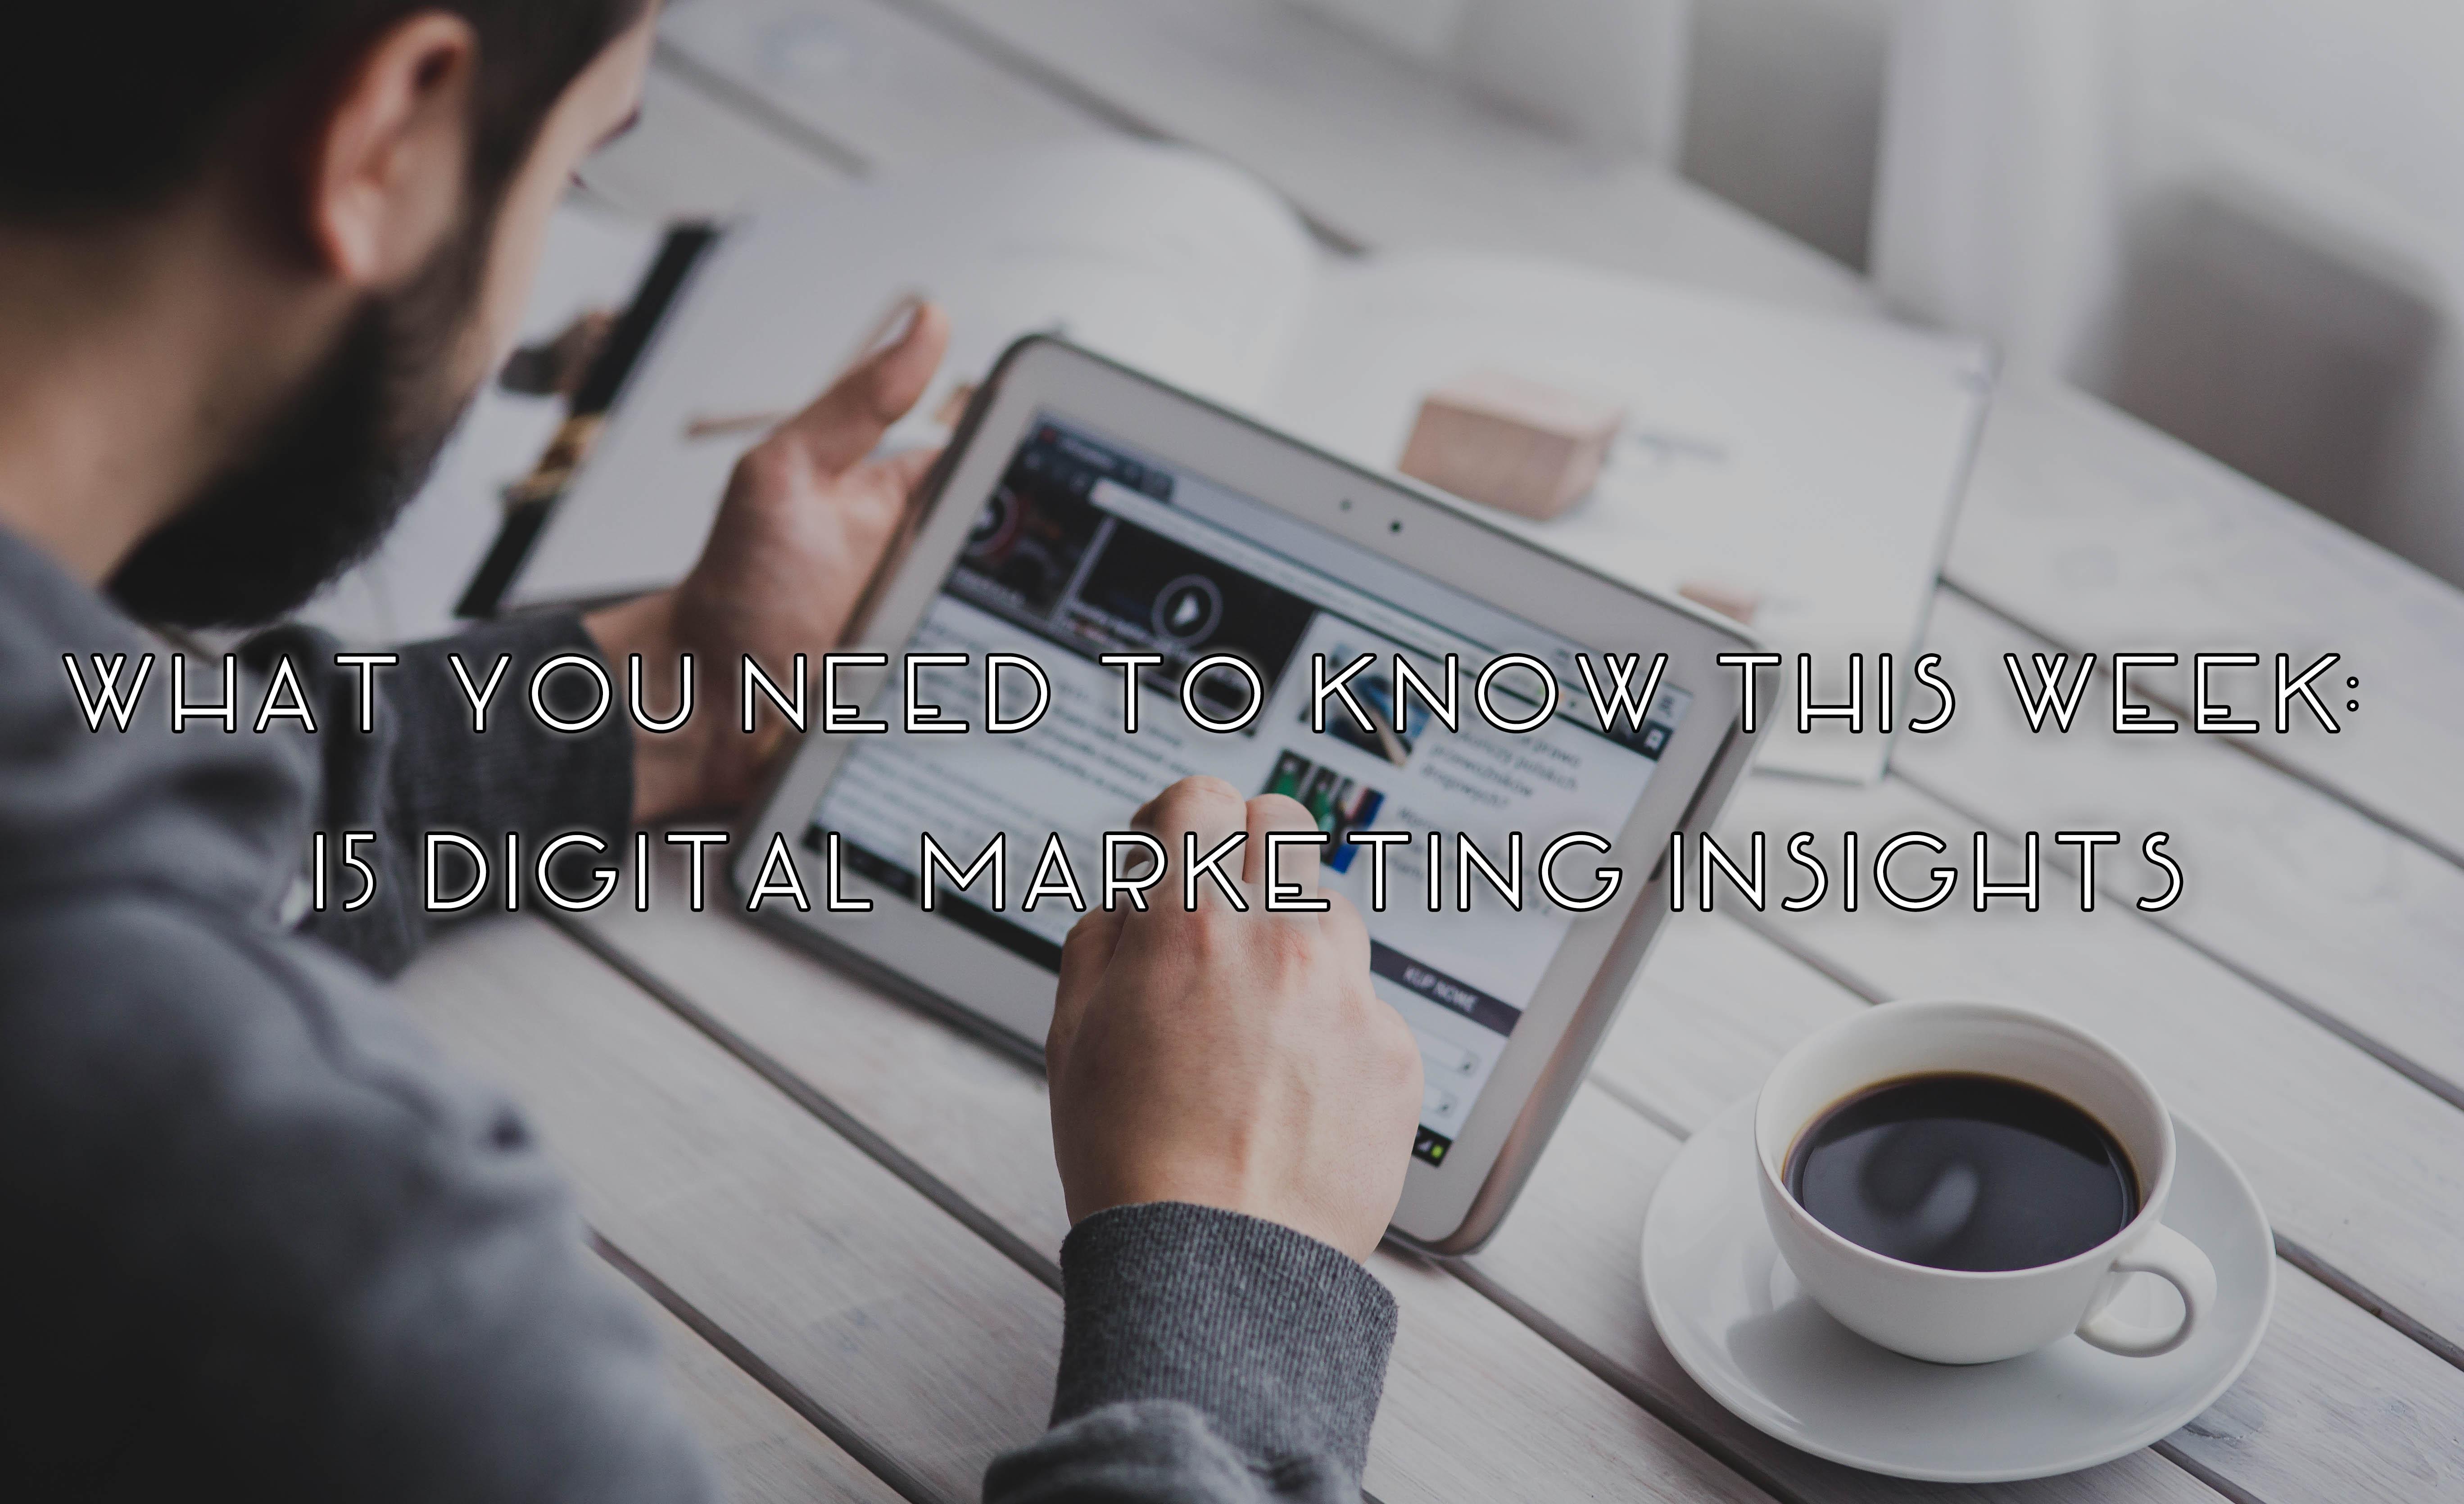 digital_marketing_insight.jpg